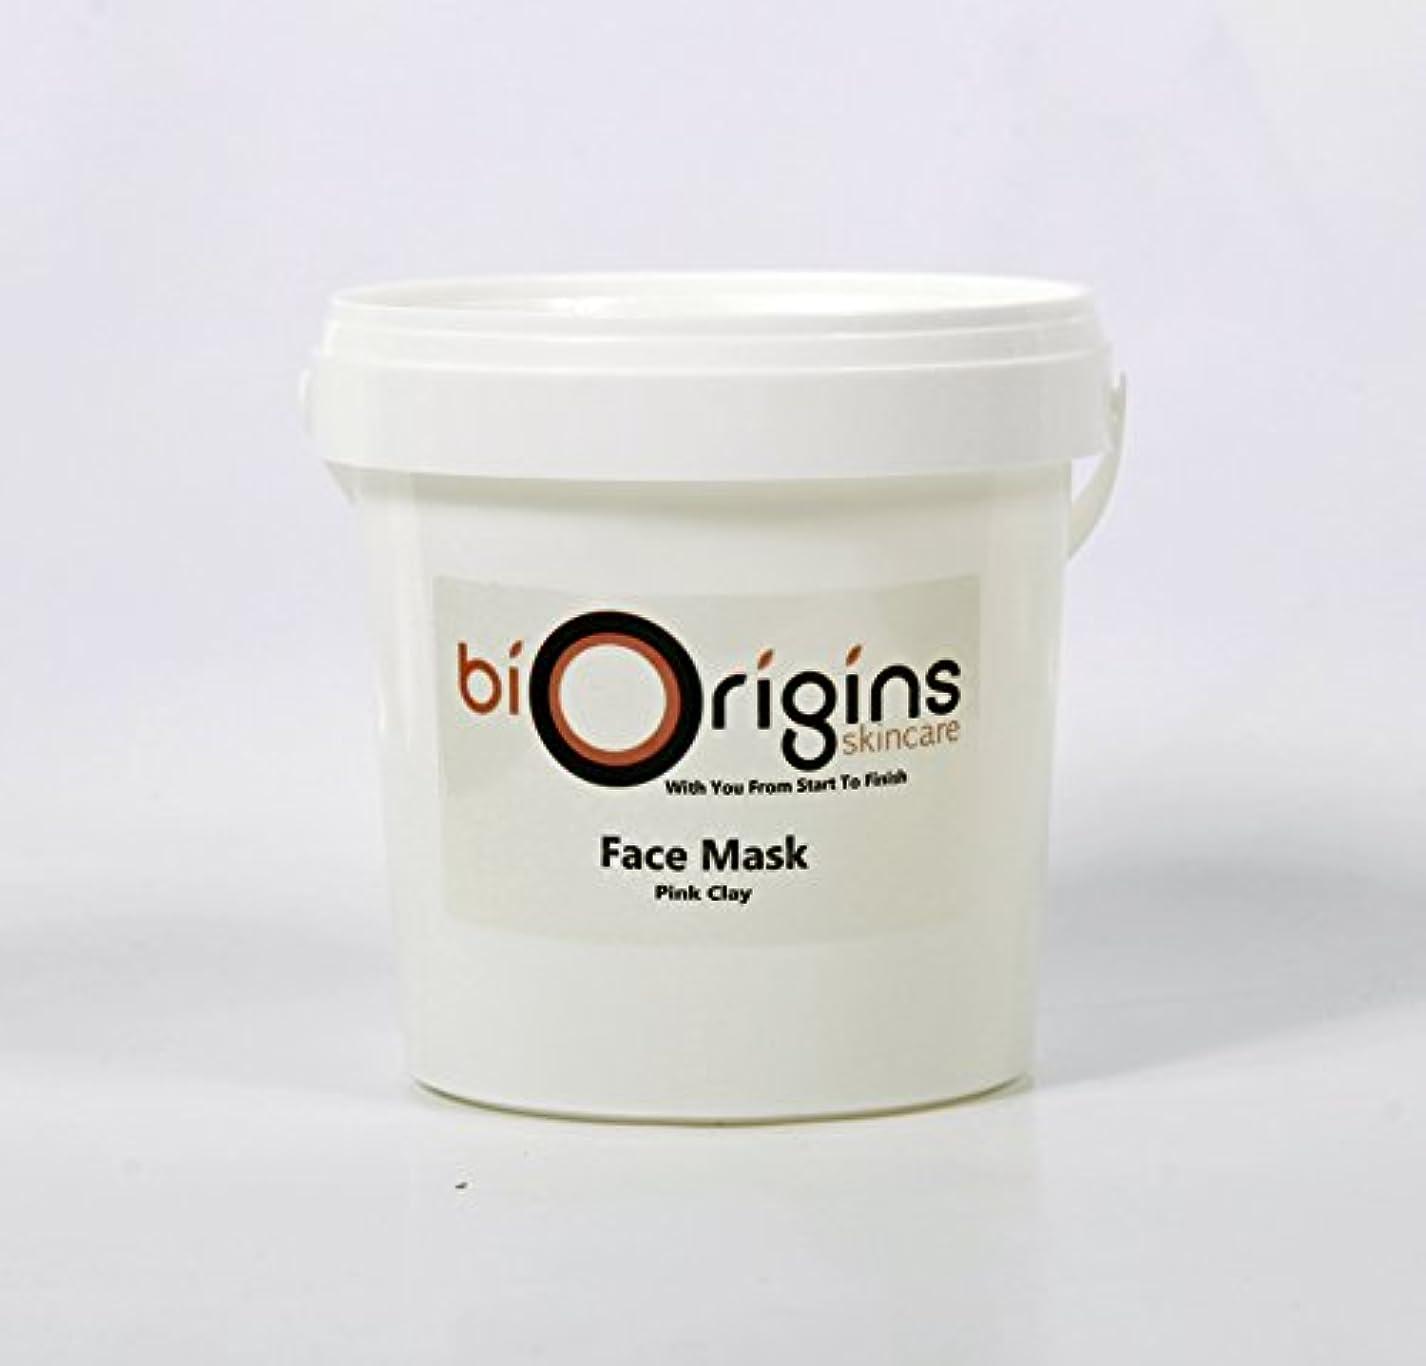 キャンドル偶然のポジションFace Mask - Pink Clay - Botanical Skincare Base - 1Kg